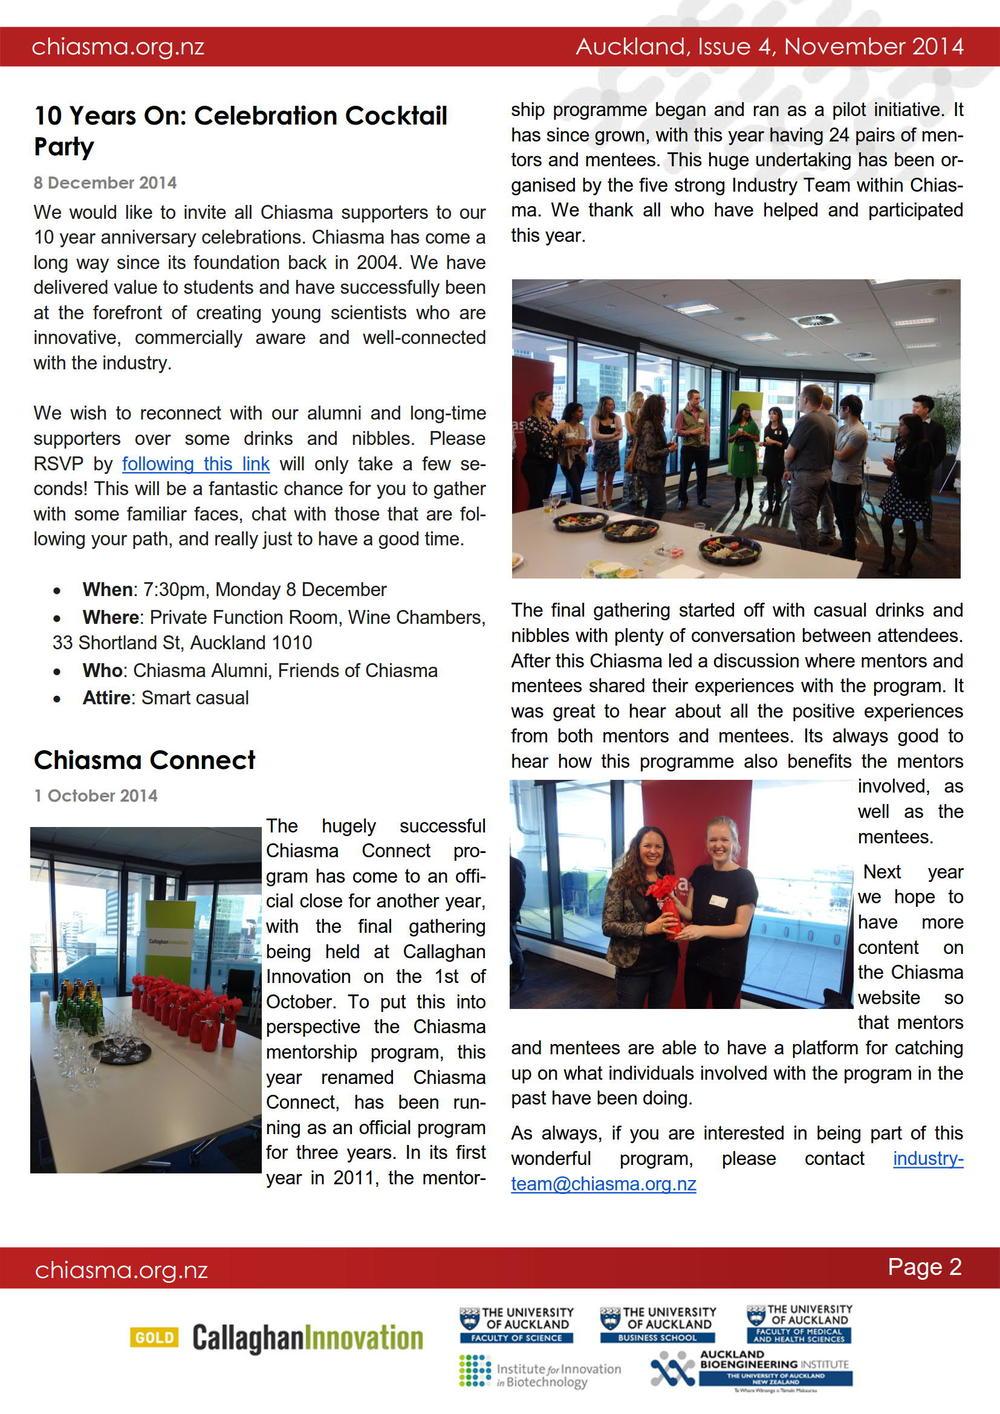 Industry_newsletter_4_2014_2.jpg